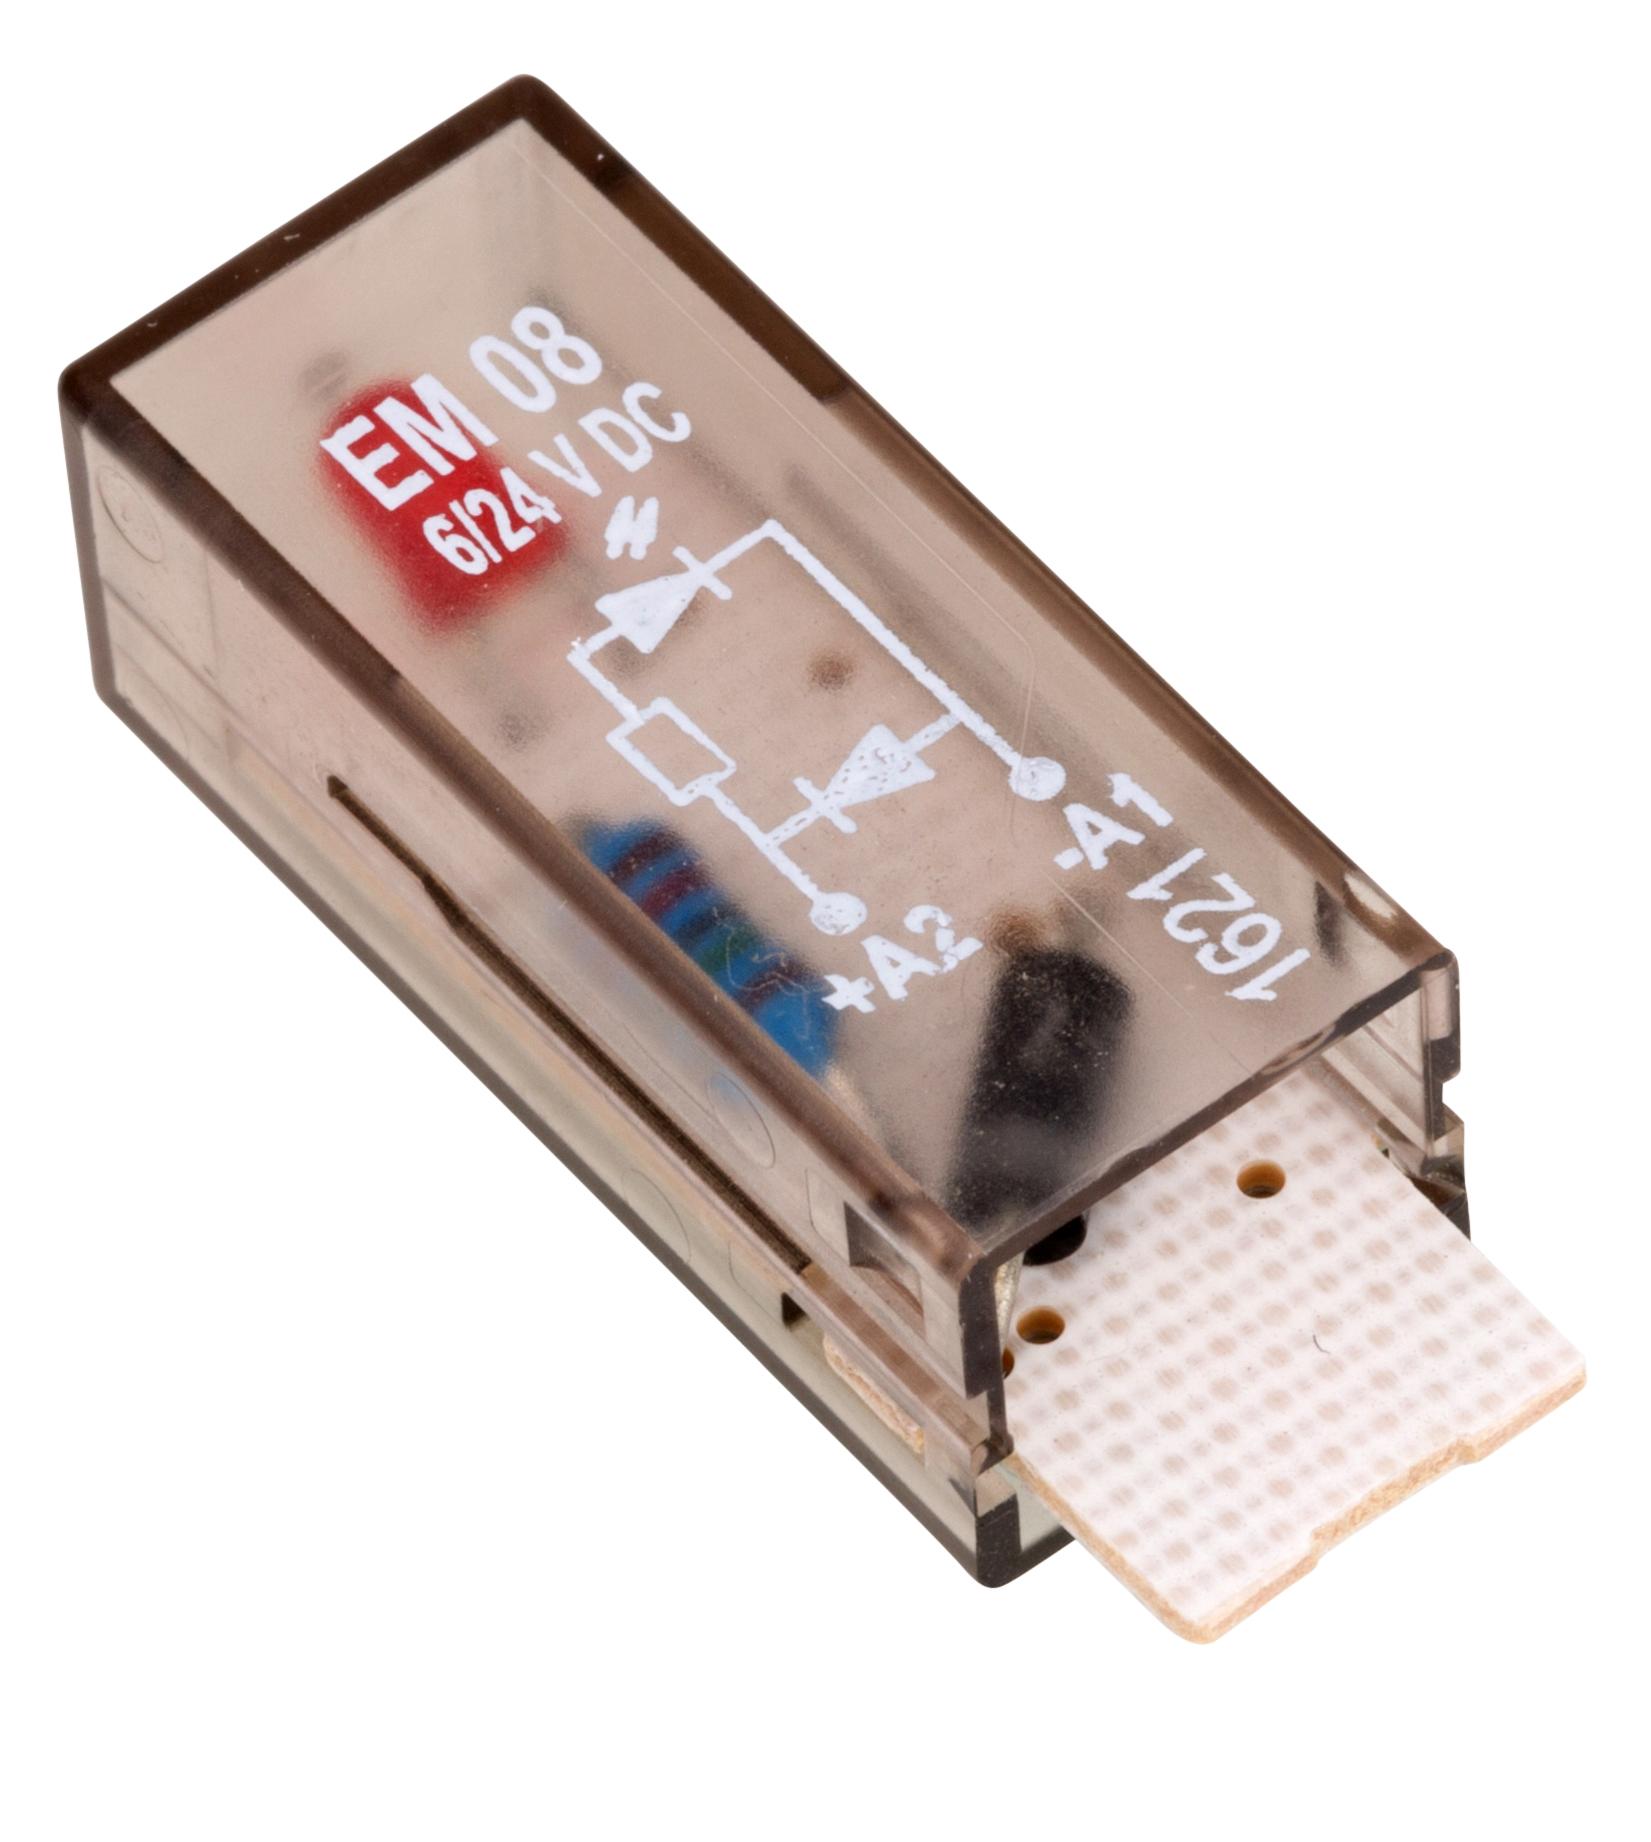 1 Stk LED-Steckmodul, rot, 6-24V DC, A1-, EM08 YMLRD024--